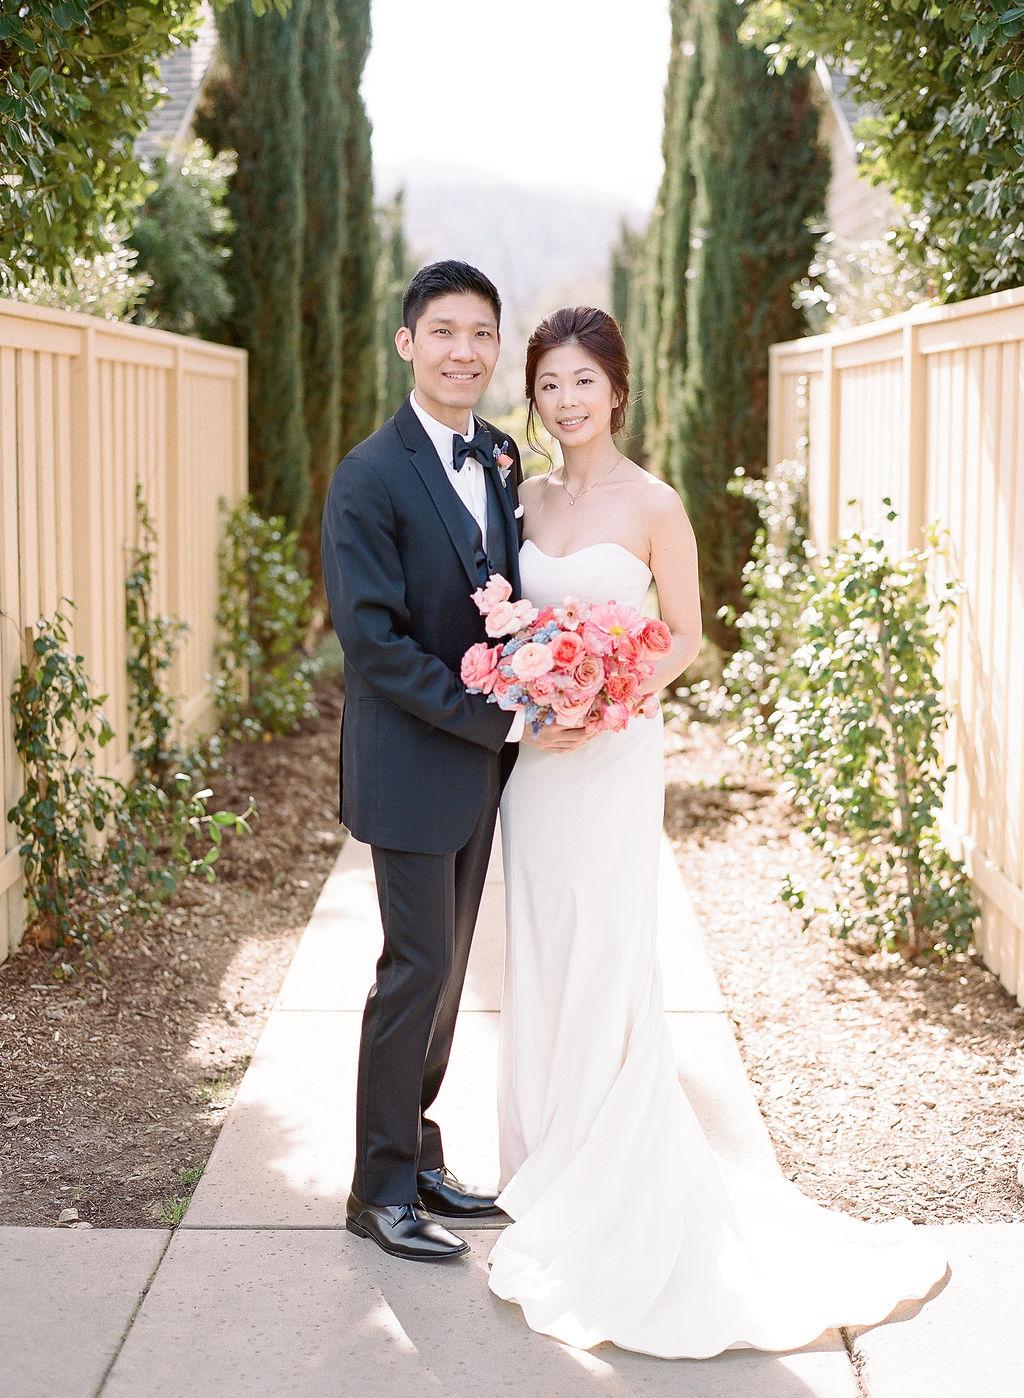 wedding couple portrait on garden walkway